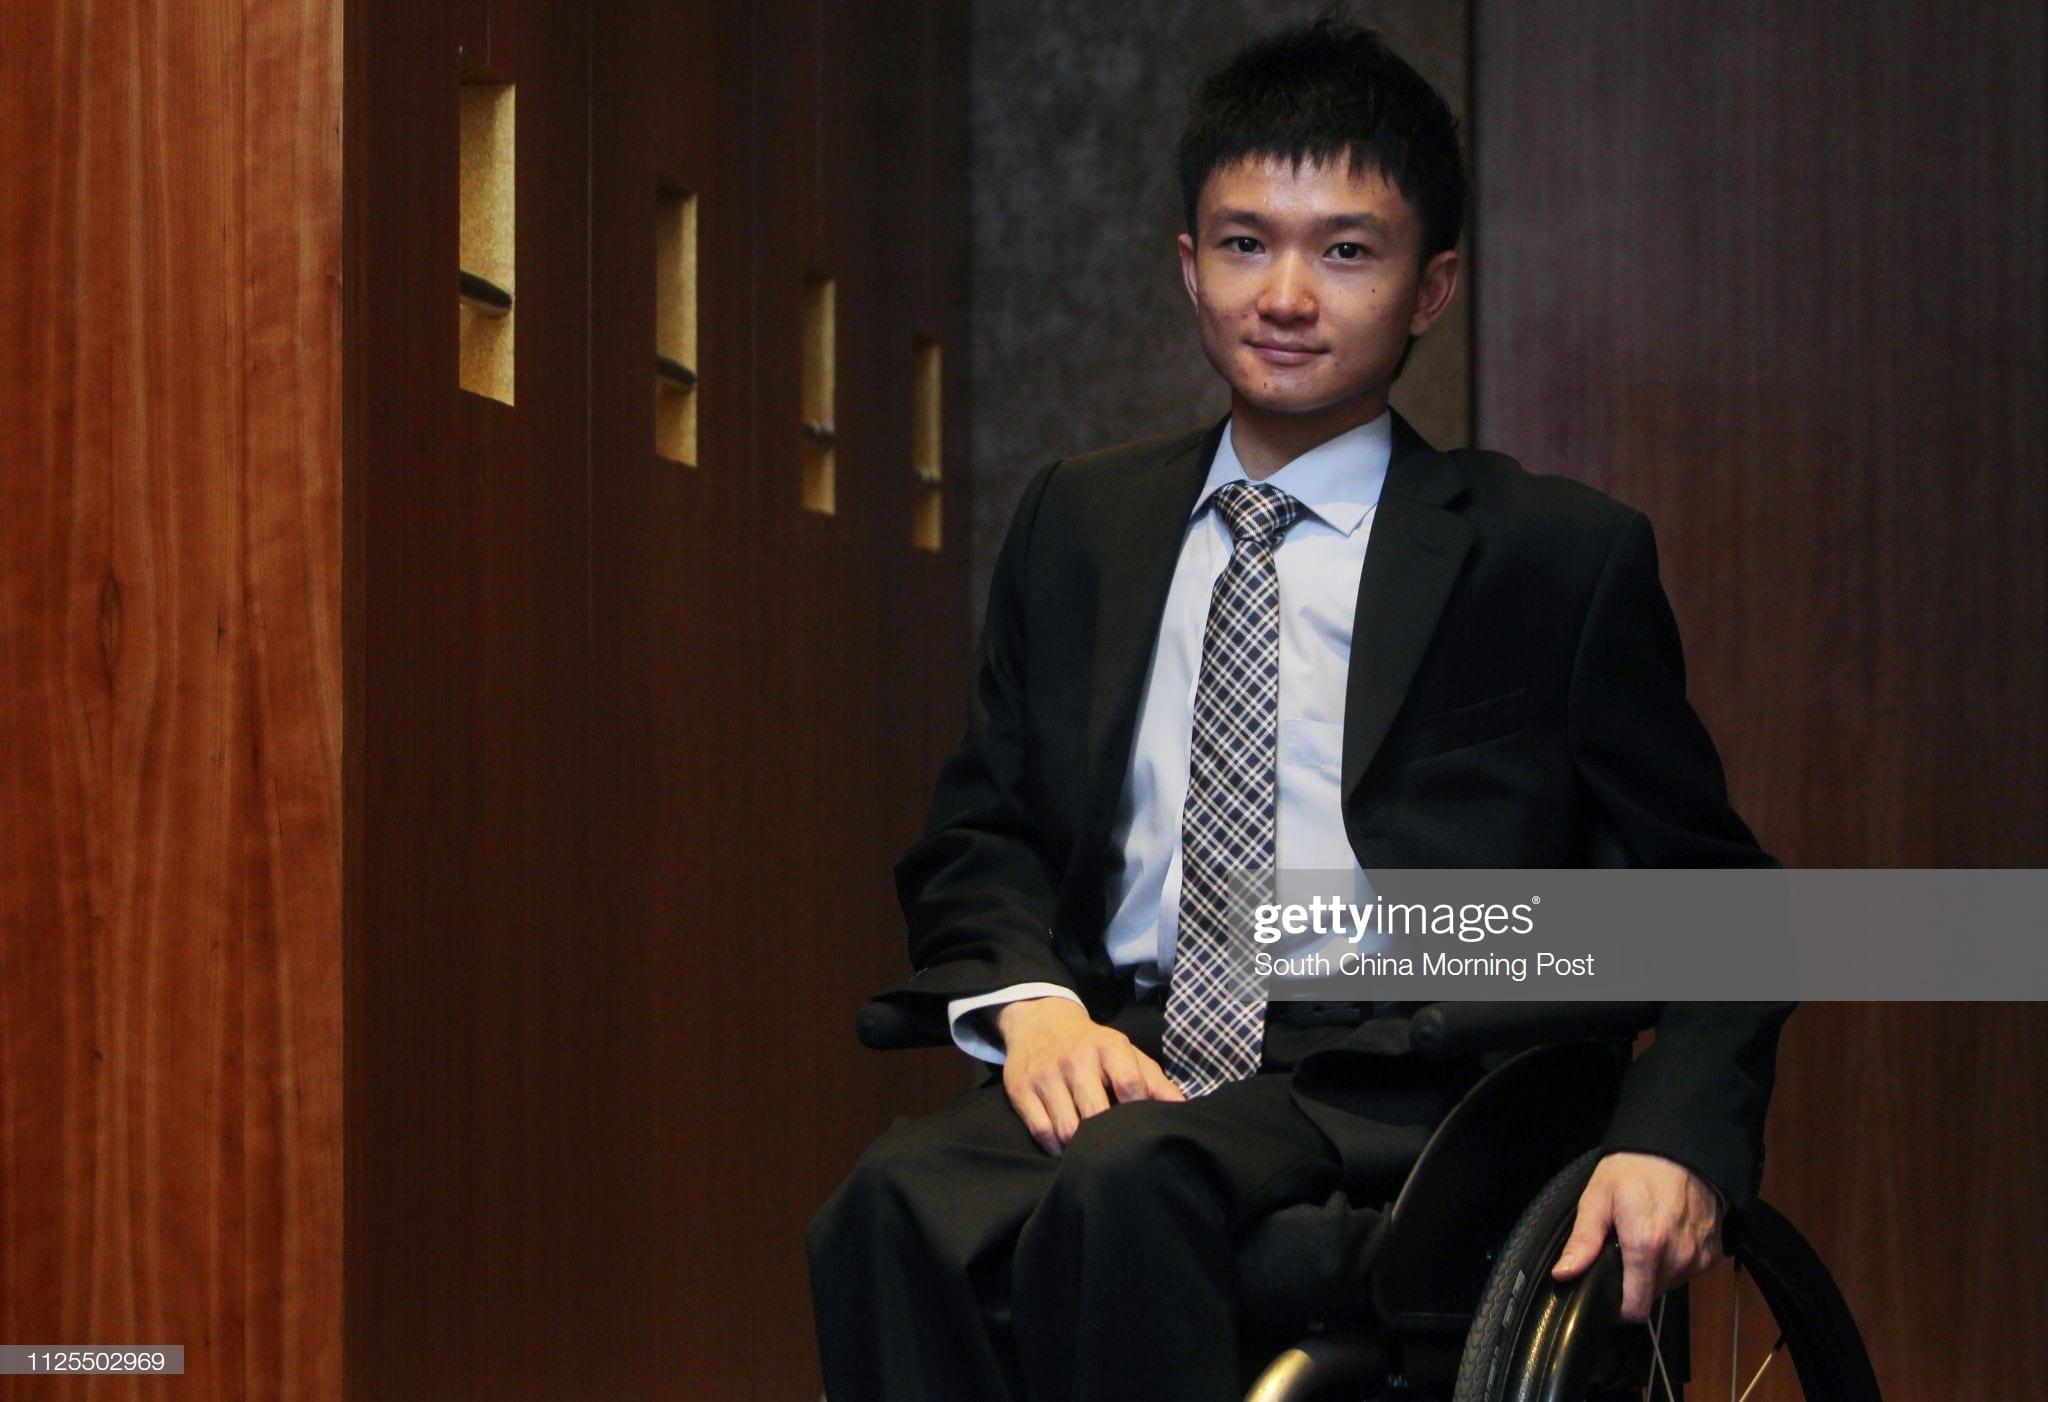 Mr. Kevin Ko